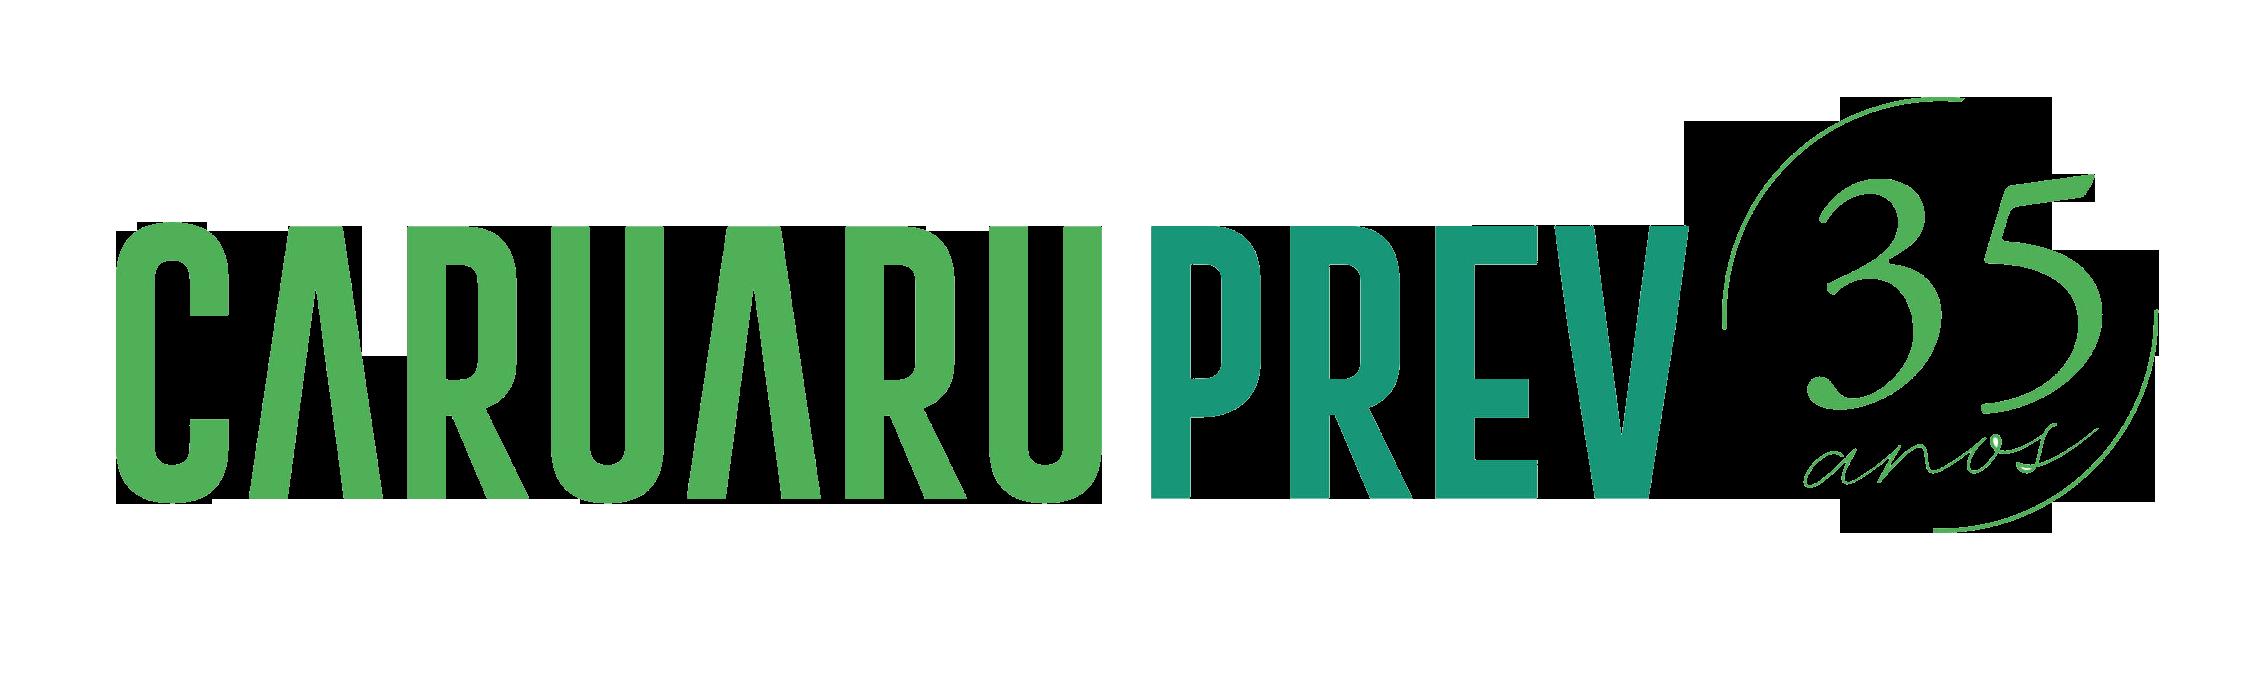 CaruaruPrev